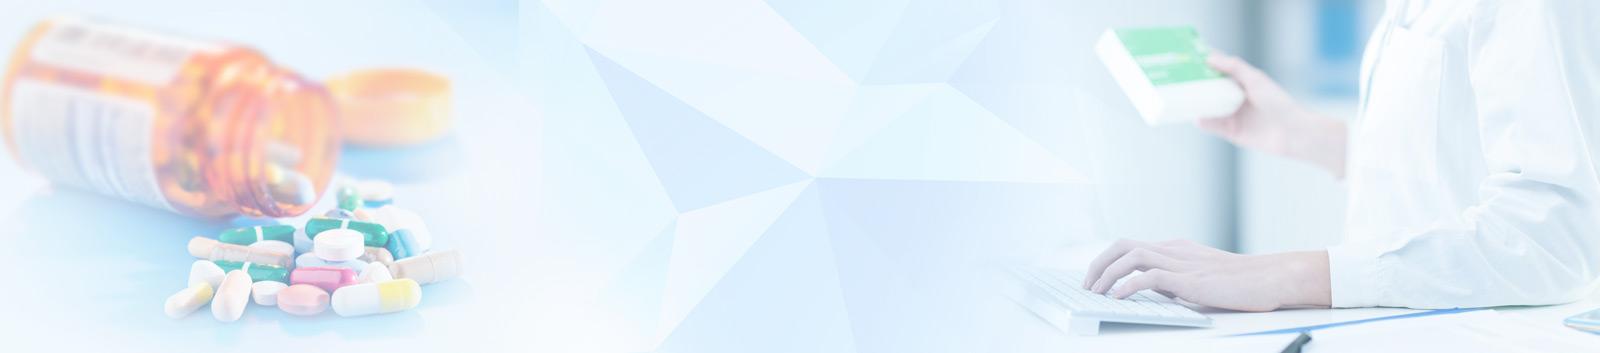 LSU-Pharmacy-specialized-logistics